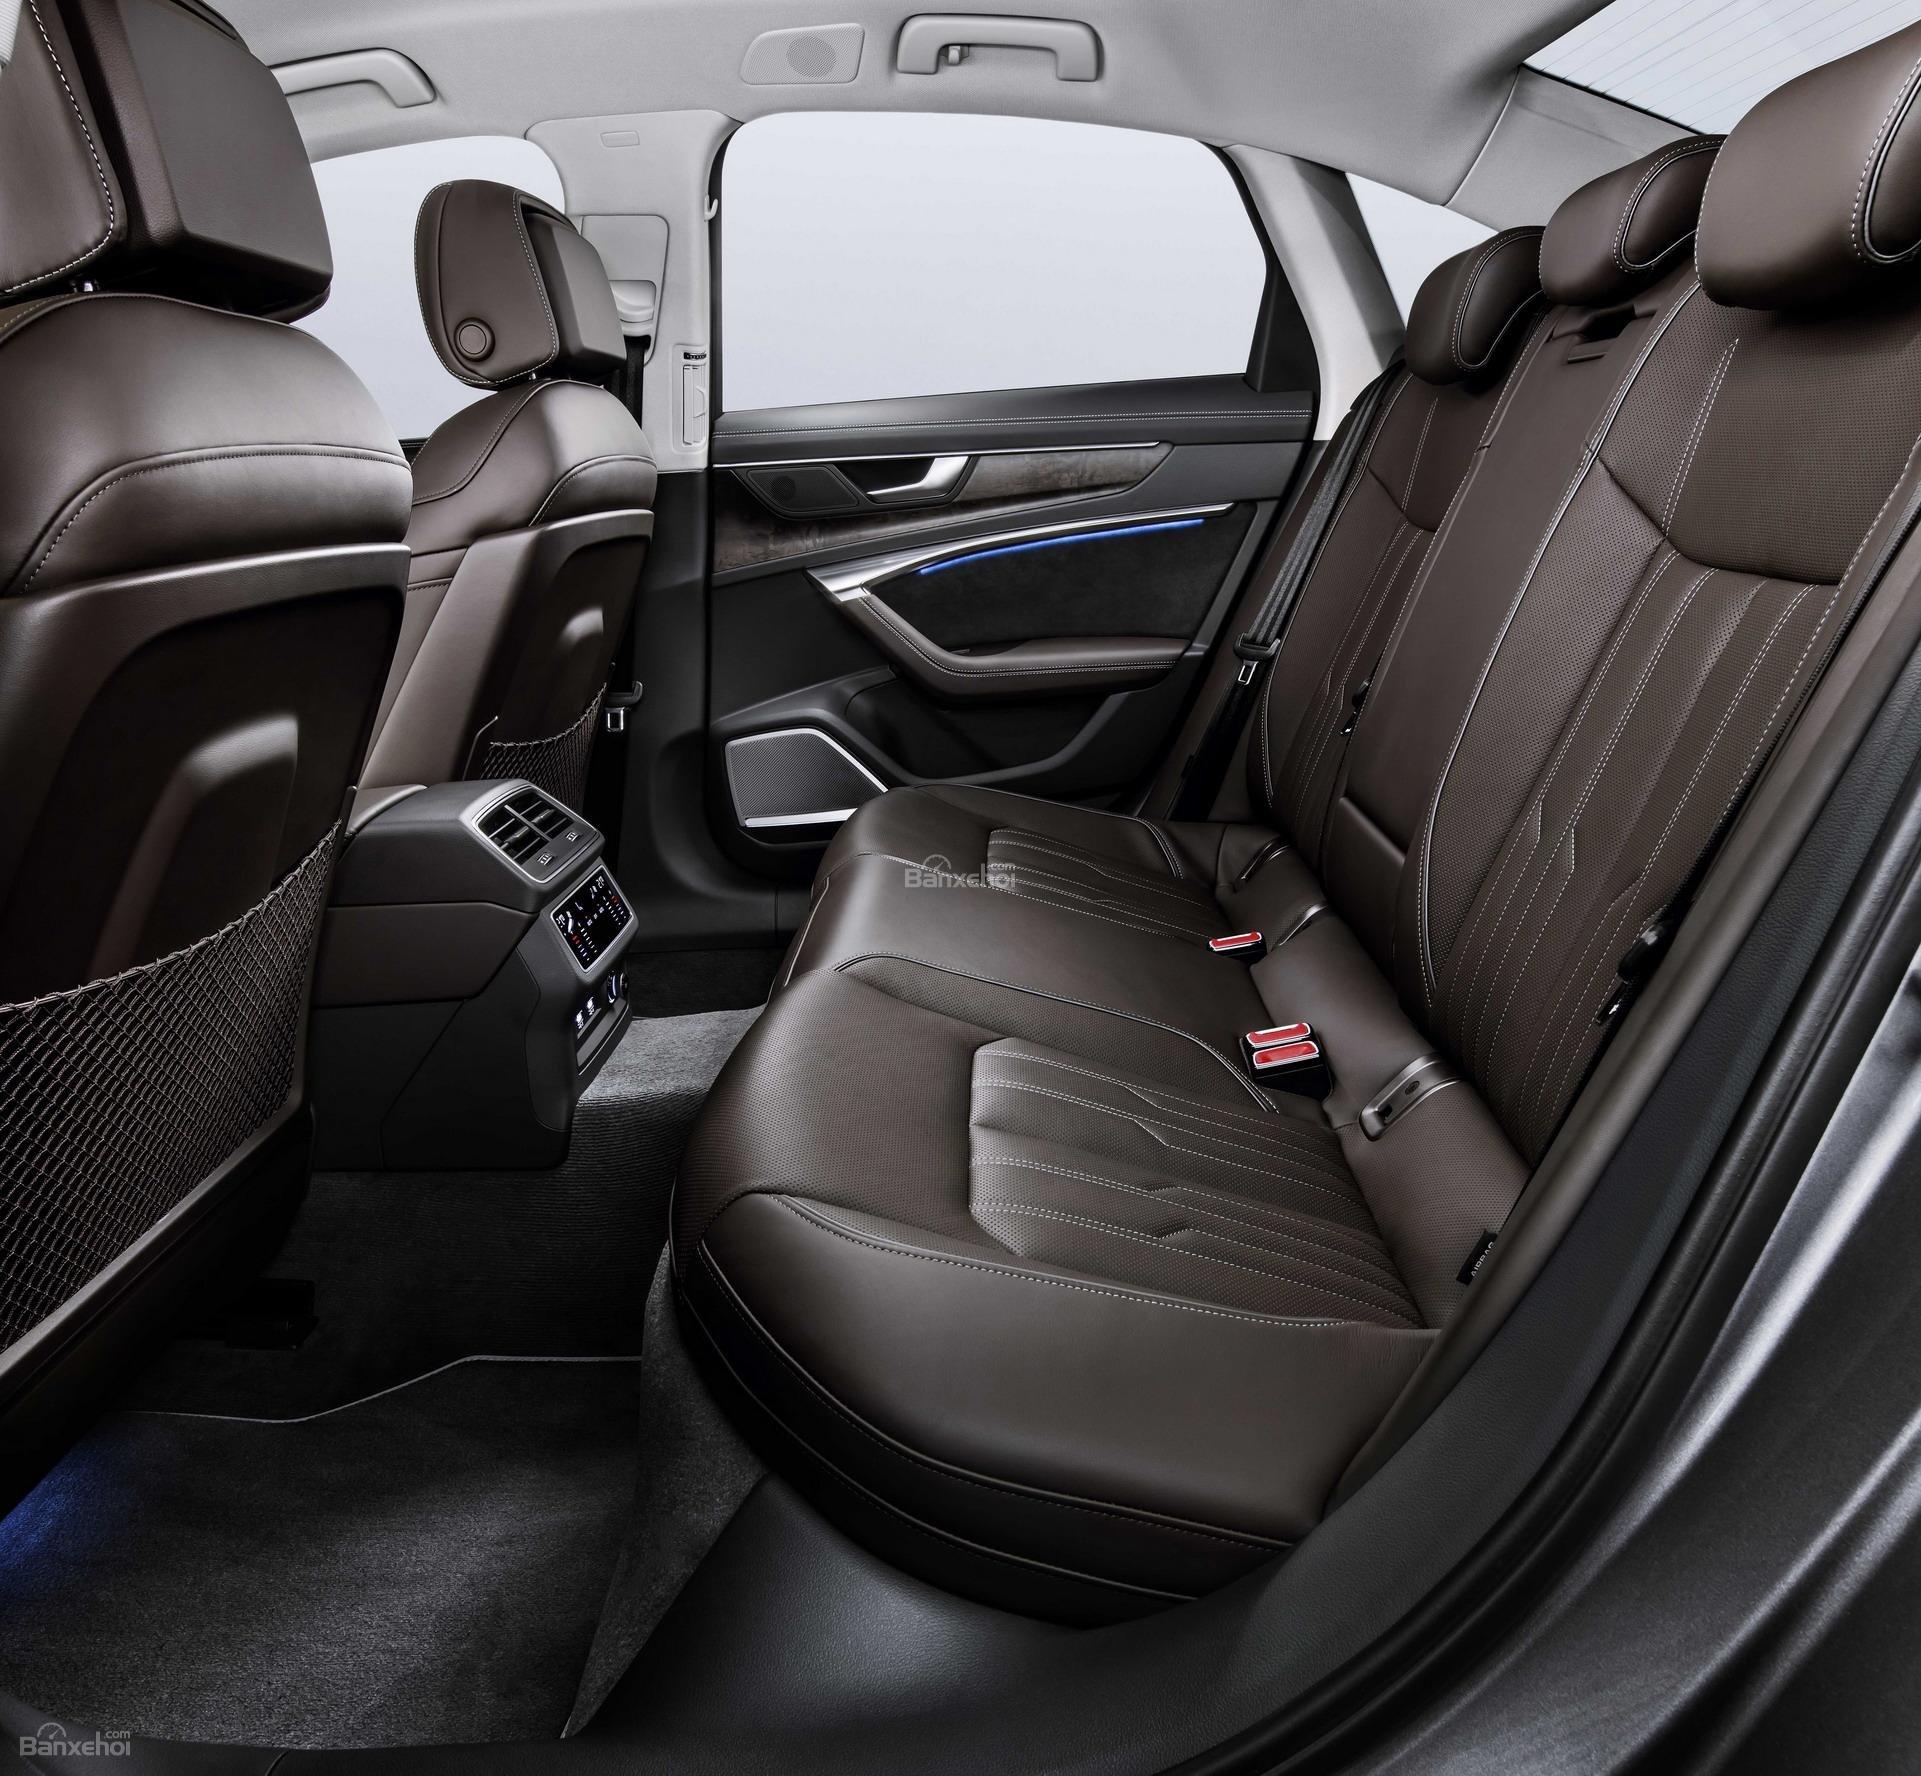 Đánh giá xe Audi A6 2019 về hệ thống ghế ngồi 2a